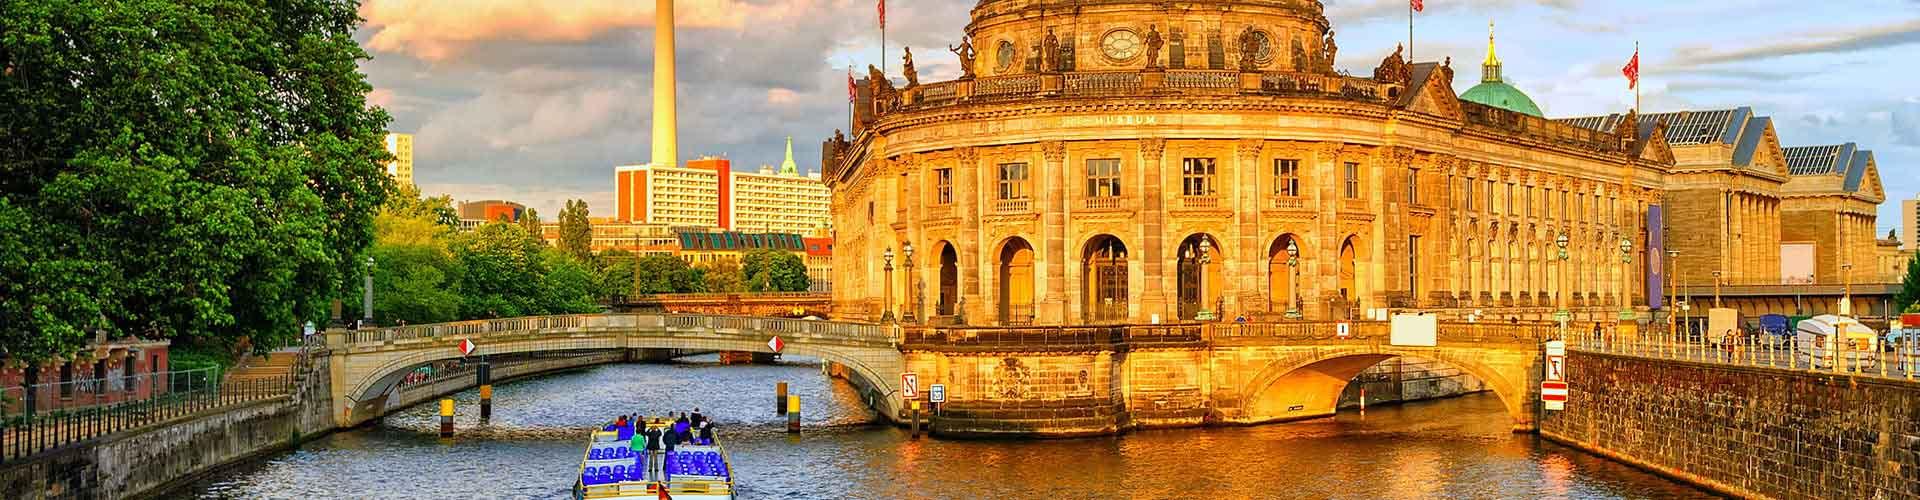 Berlin - Ifjúsági Szállások közel Berlin Tegel Repülőtér-hez. Berlin térképek, fotók és ajánlások minden egyes ifjúsági szállásra Berlin-ben.